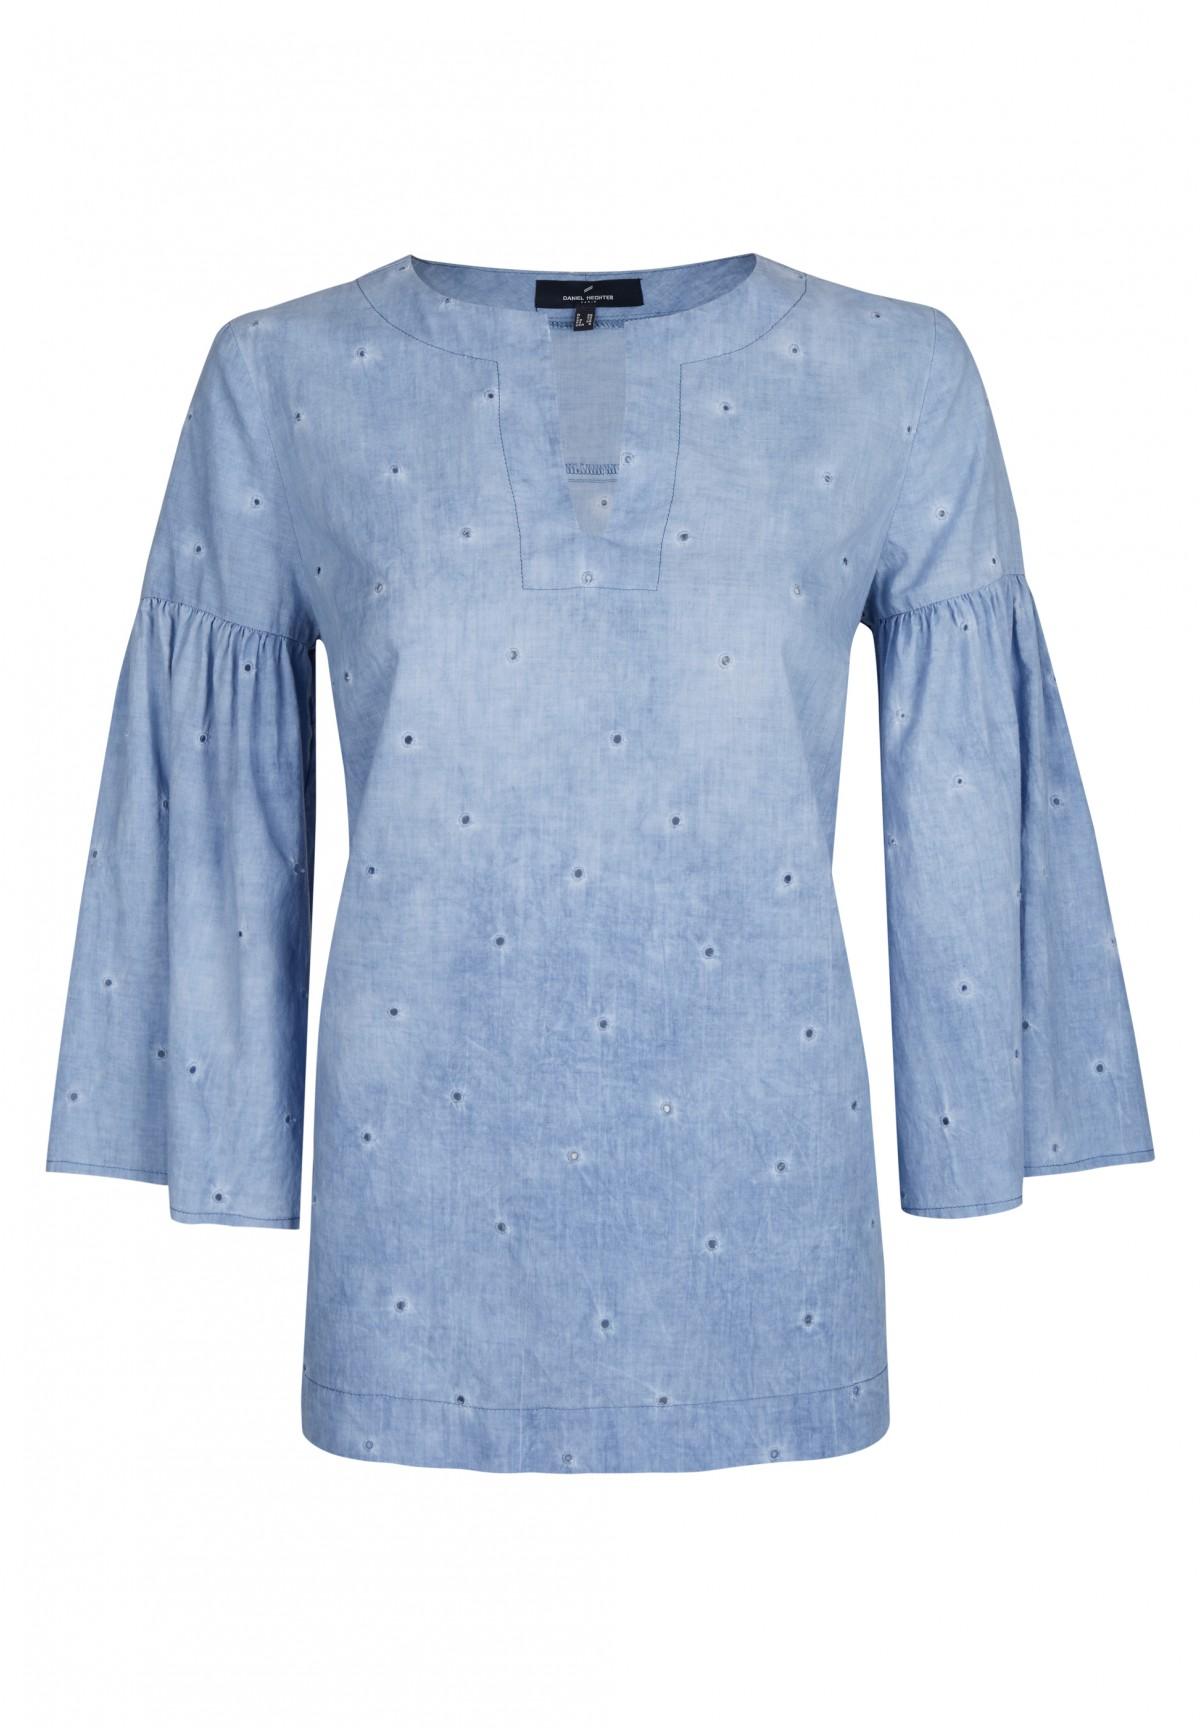 Sommerlich leichte Bluse / Blouse